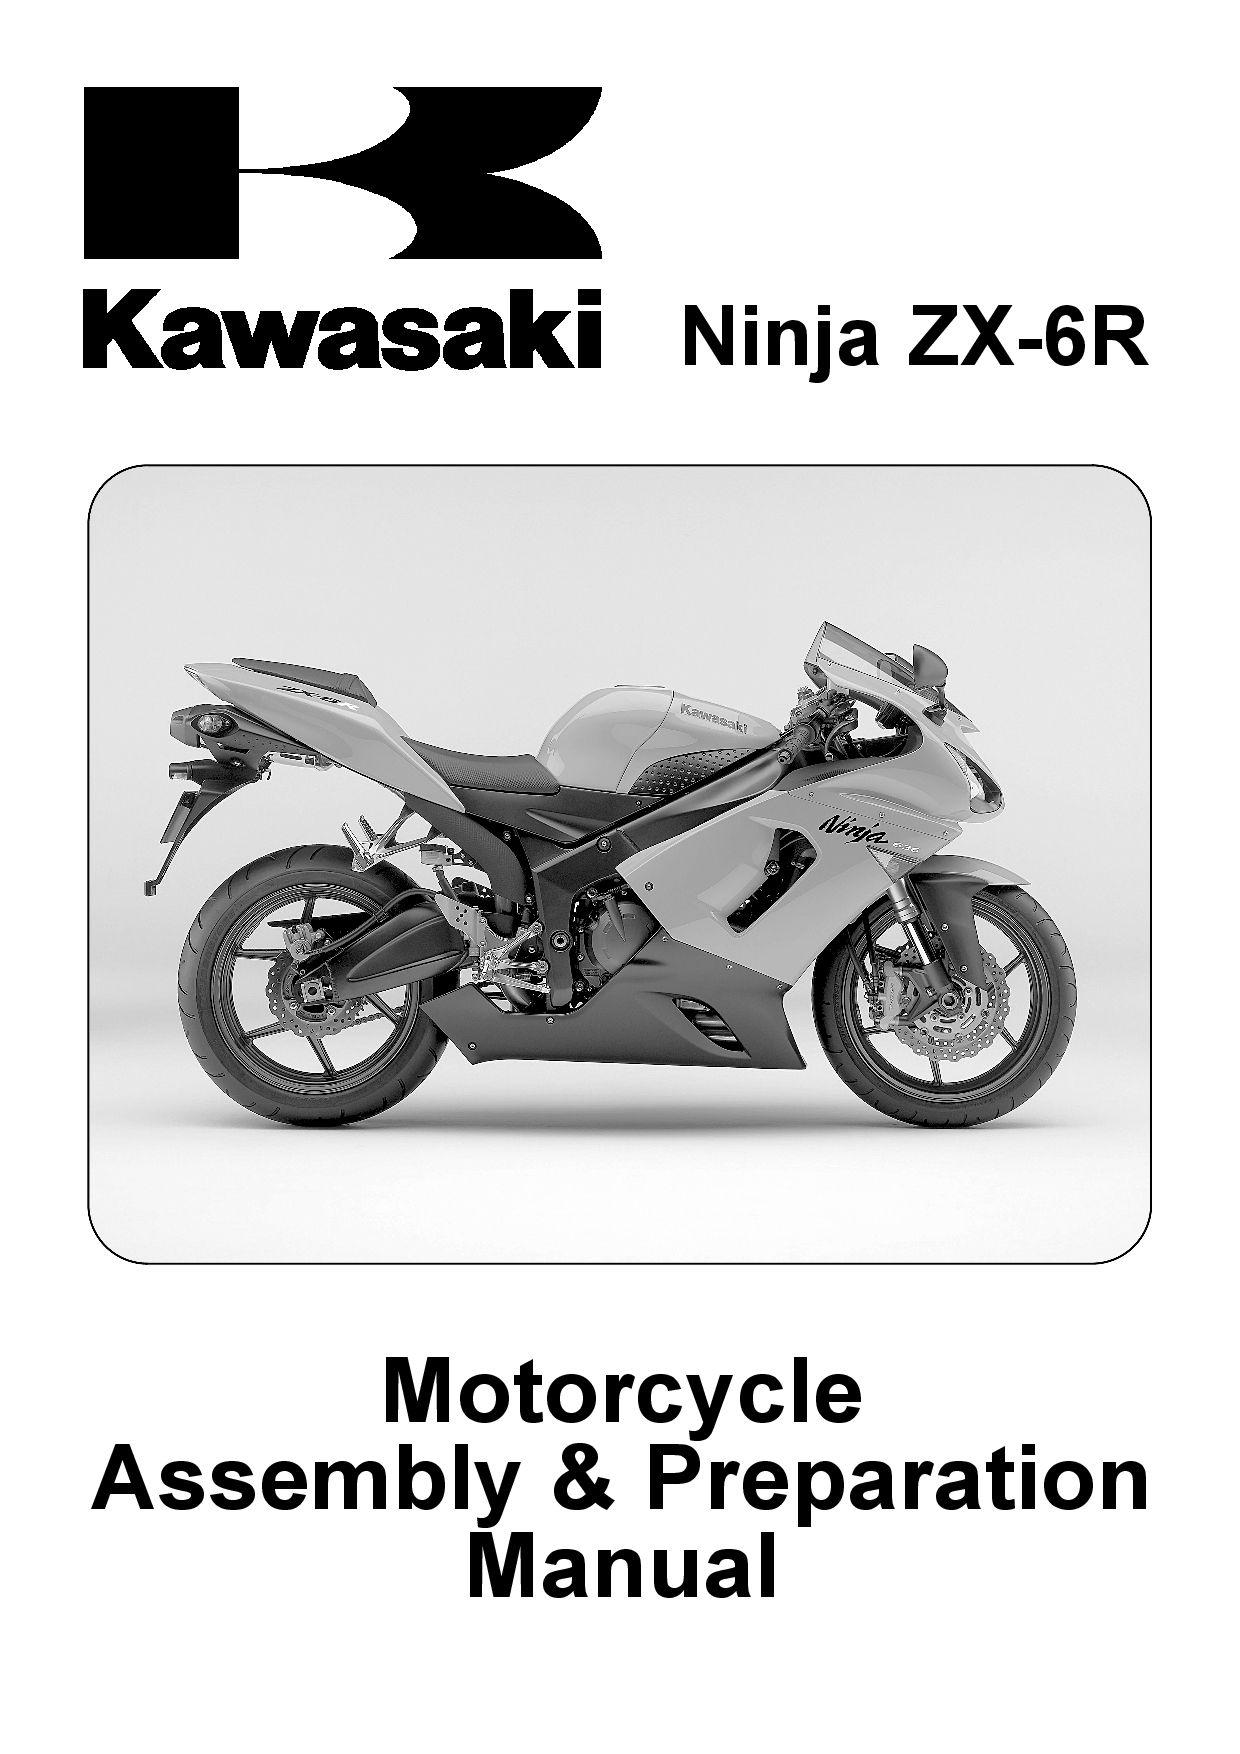 Kawasaki Zx 6r 2005 Repair Manual Assembly Pdf Download Service Manual Repair Manual Pdf Download Repair Manuals Kawasaki Zx6r Zx6r